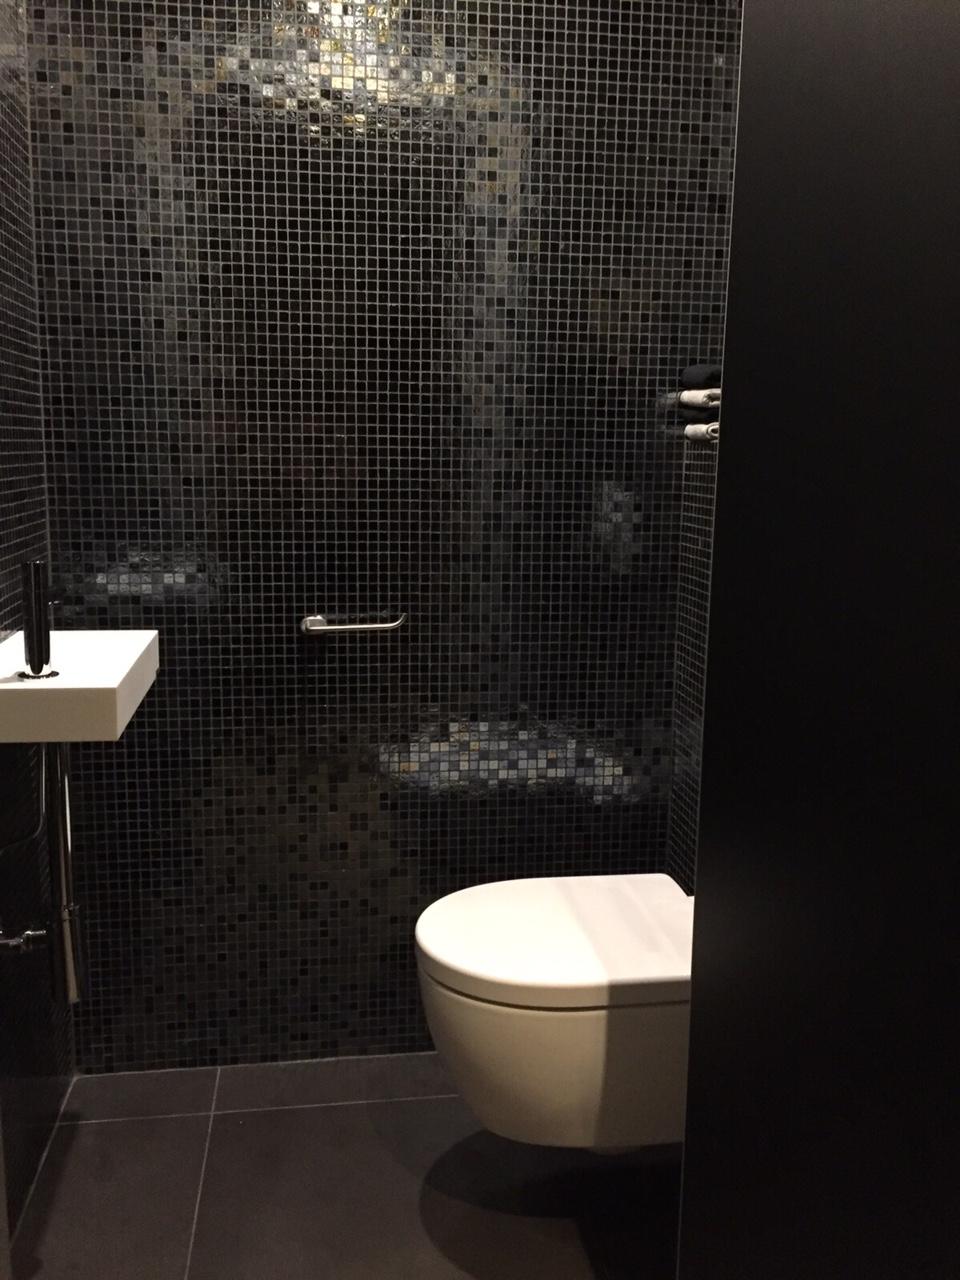 Tegelwerken benoey moza ek tegels toilet tegelwerken benoey merksem antwerpen - Wc mozaiek ...